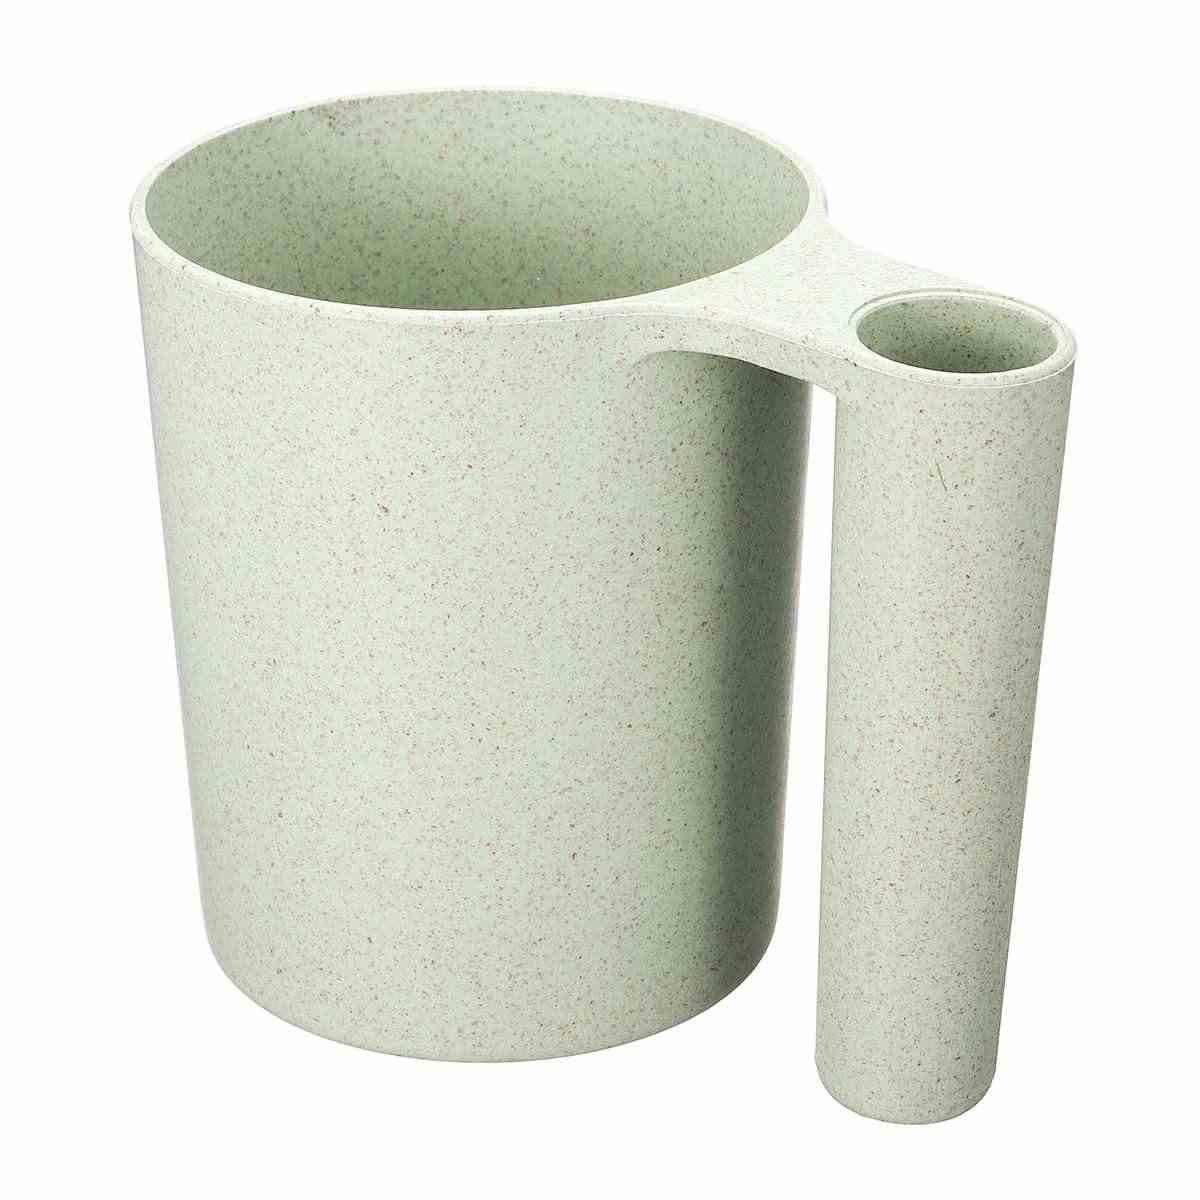 Чашка для полоскания рта с держателем 250 мл 2 в 1 здоровье и пшеница соломенная щетка для мытья зубы чашки 4 цвета Портативный путешествия пить воду кружка чашка для воды